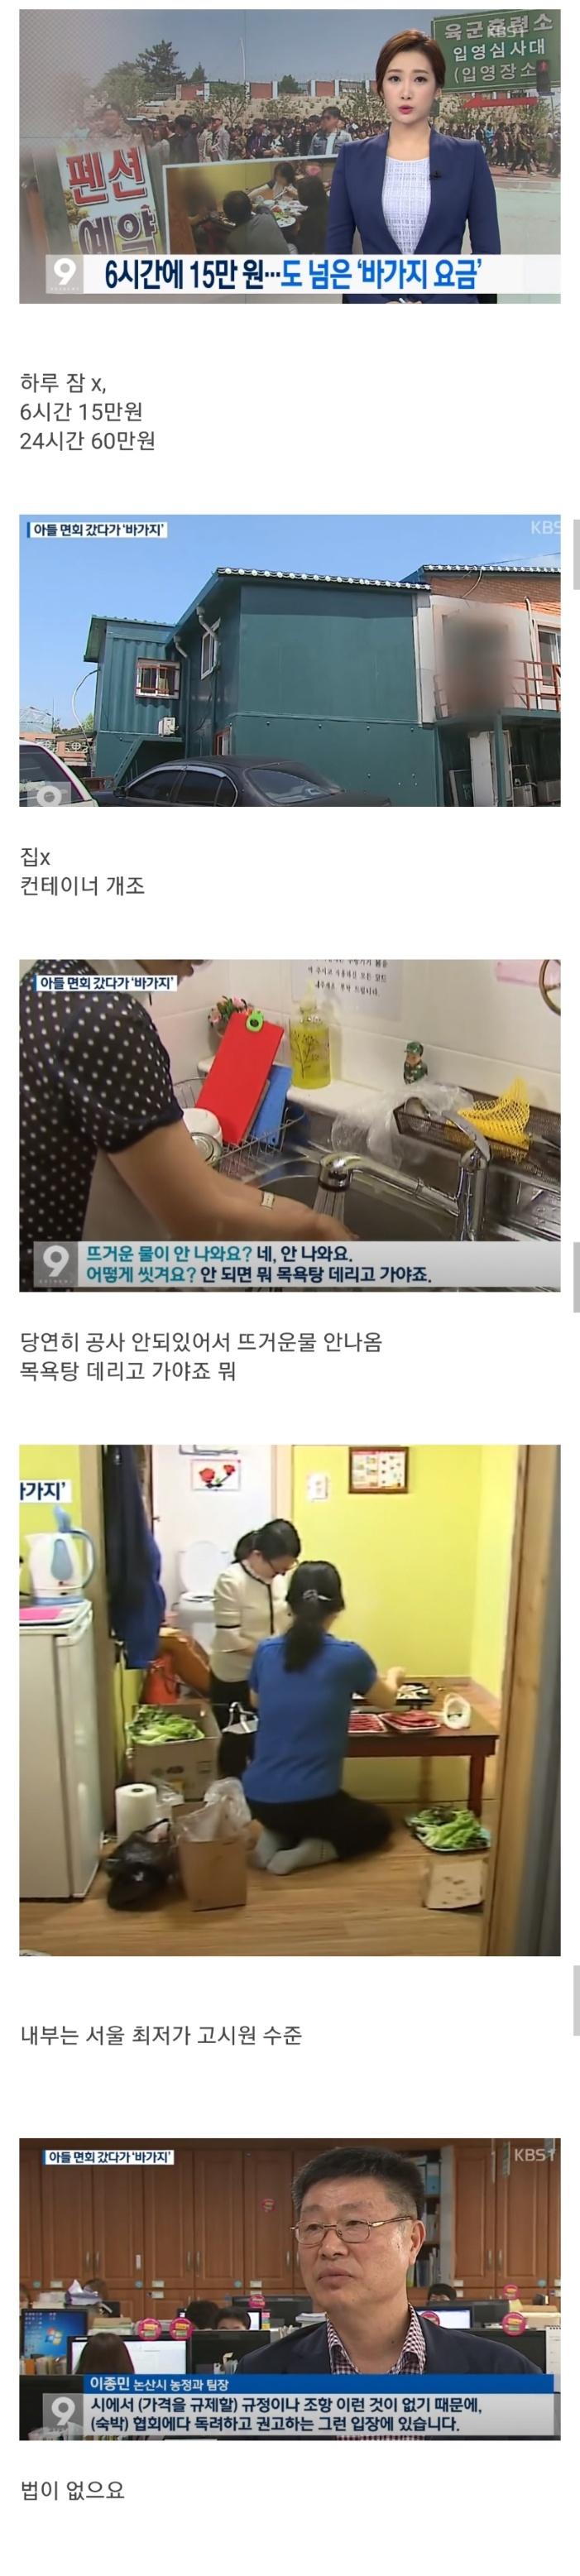 군인 핸드폰 쓰면서 나온 신종 위수지역 장사법 - 꾸르